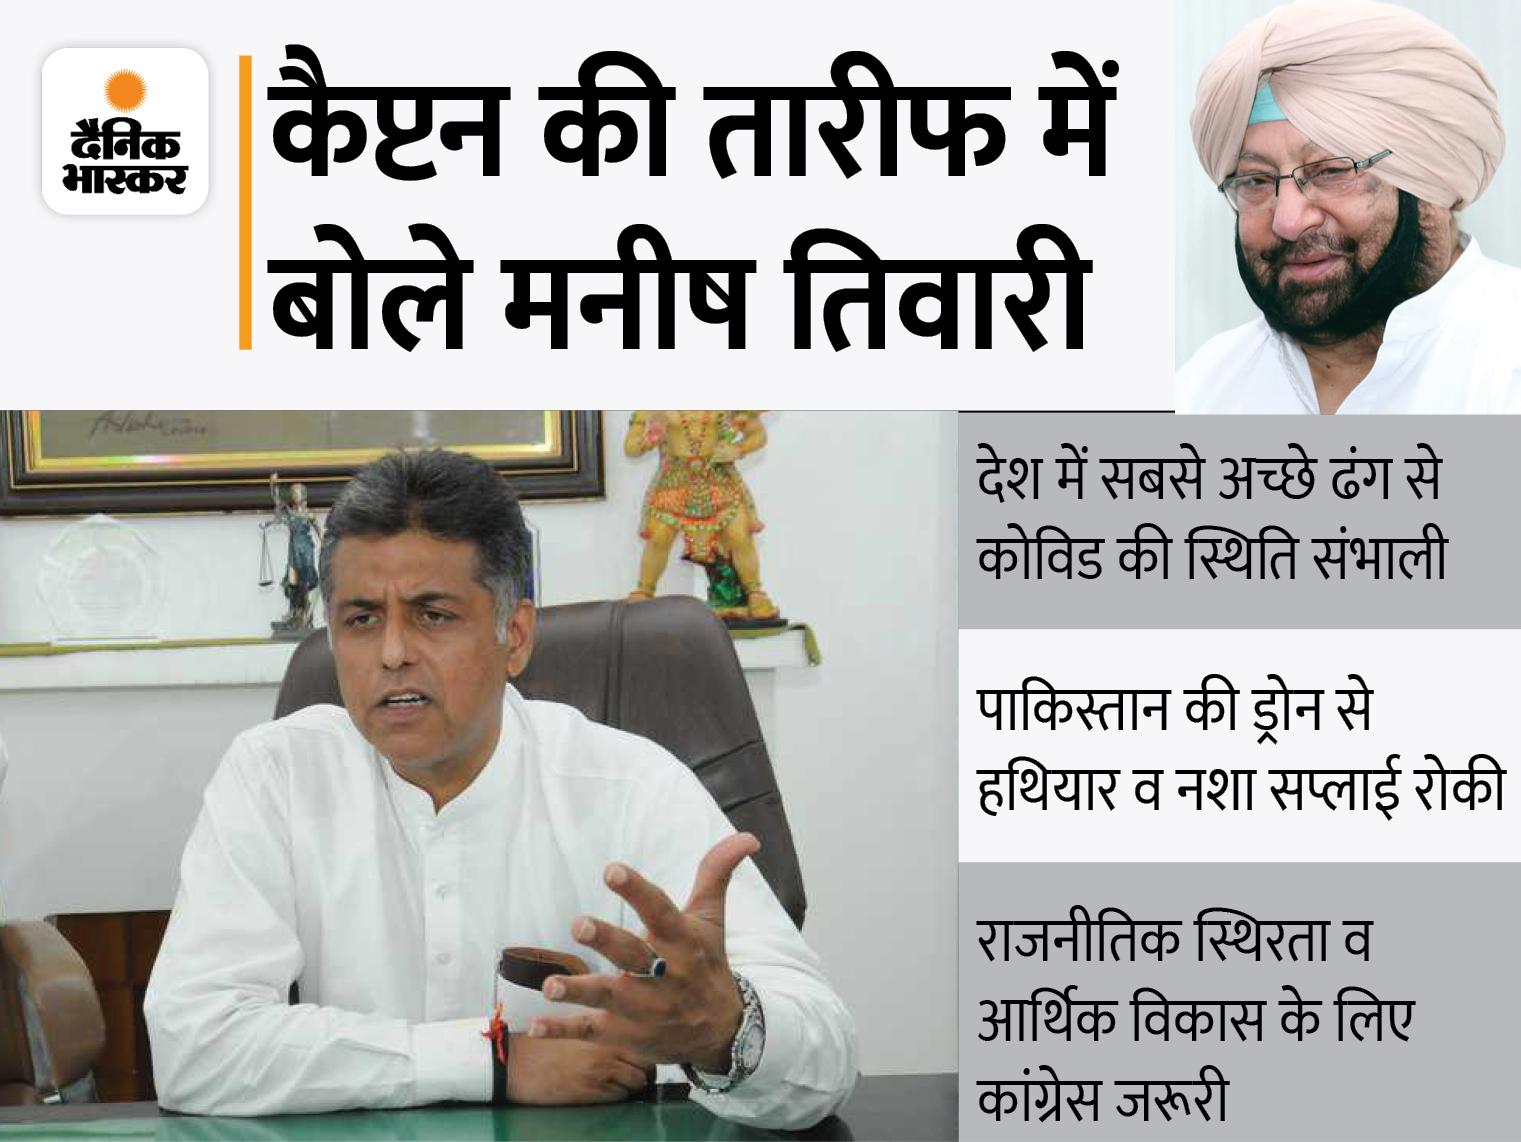 सांसद मनीष तिवारी ने बांधे अमरिंदर की तारीफों के पुल, बोले- कैप्टन सरकार ने हर चुनौती को सबसे अच्छे ढंग से संभाला|जालंधर,Jalandhar - Dainik Bhaskar